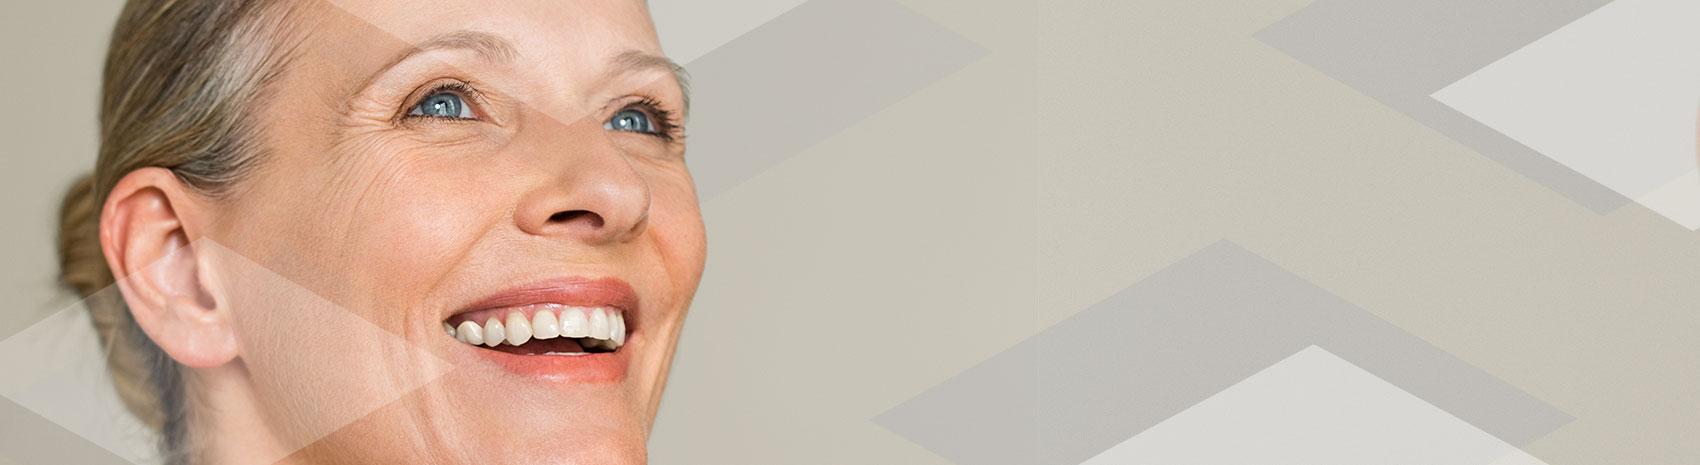 Zoom di viso di signora con bella pelle grazie ai prodotti IBSA